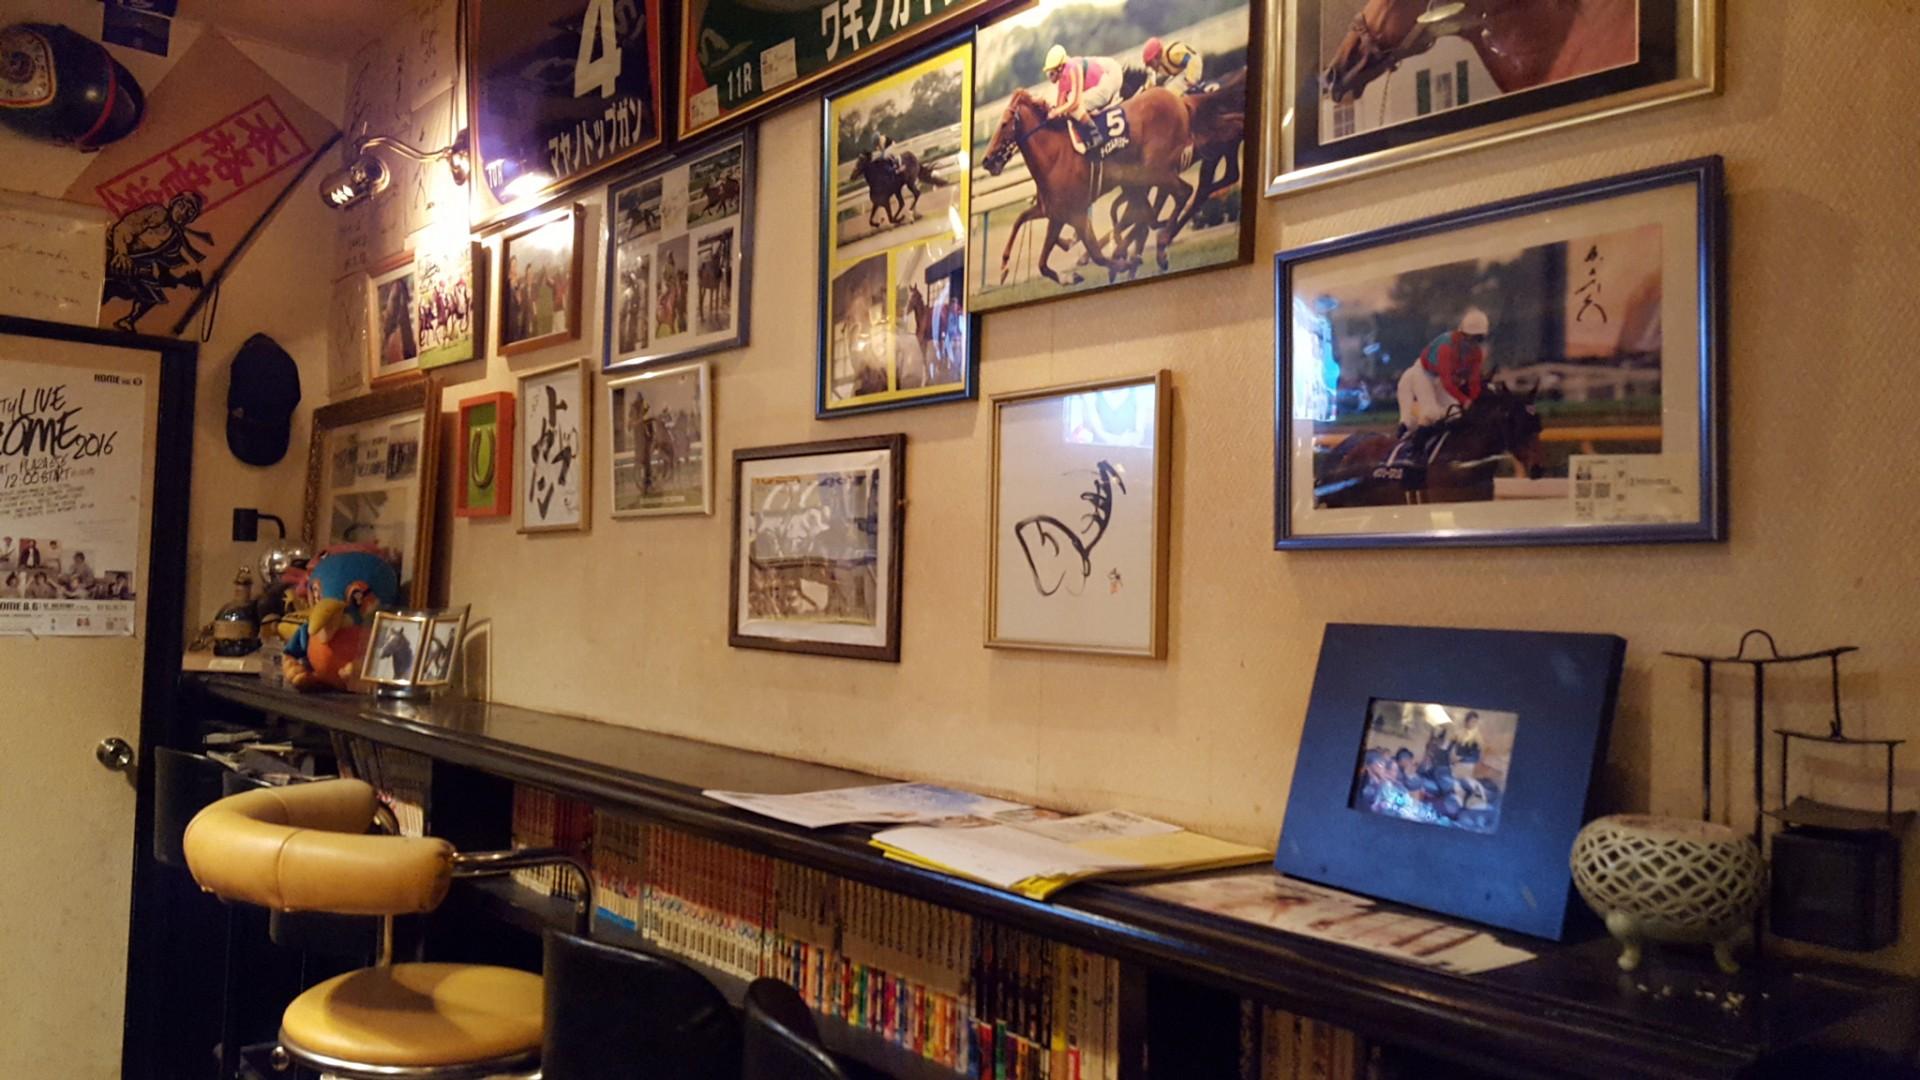 マスターは競馬も好き。店の壁には馬の写真が沢山。 ▲だから競馬好きも集まります。